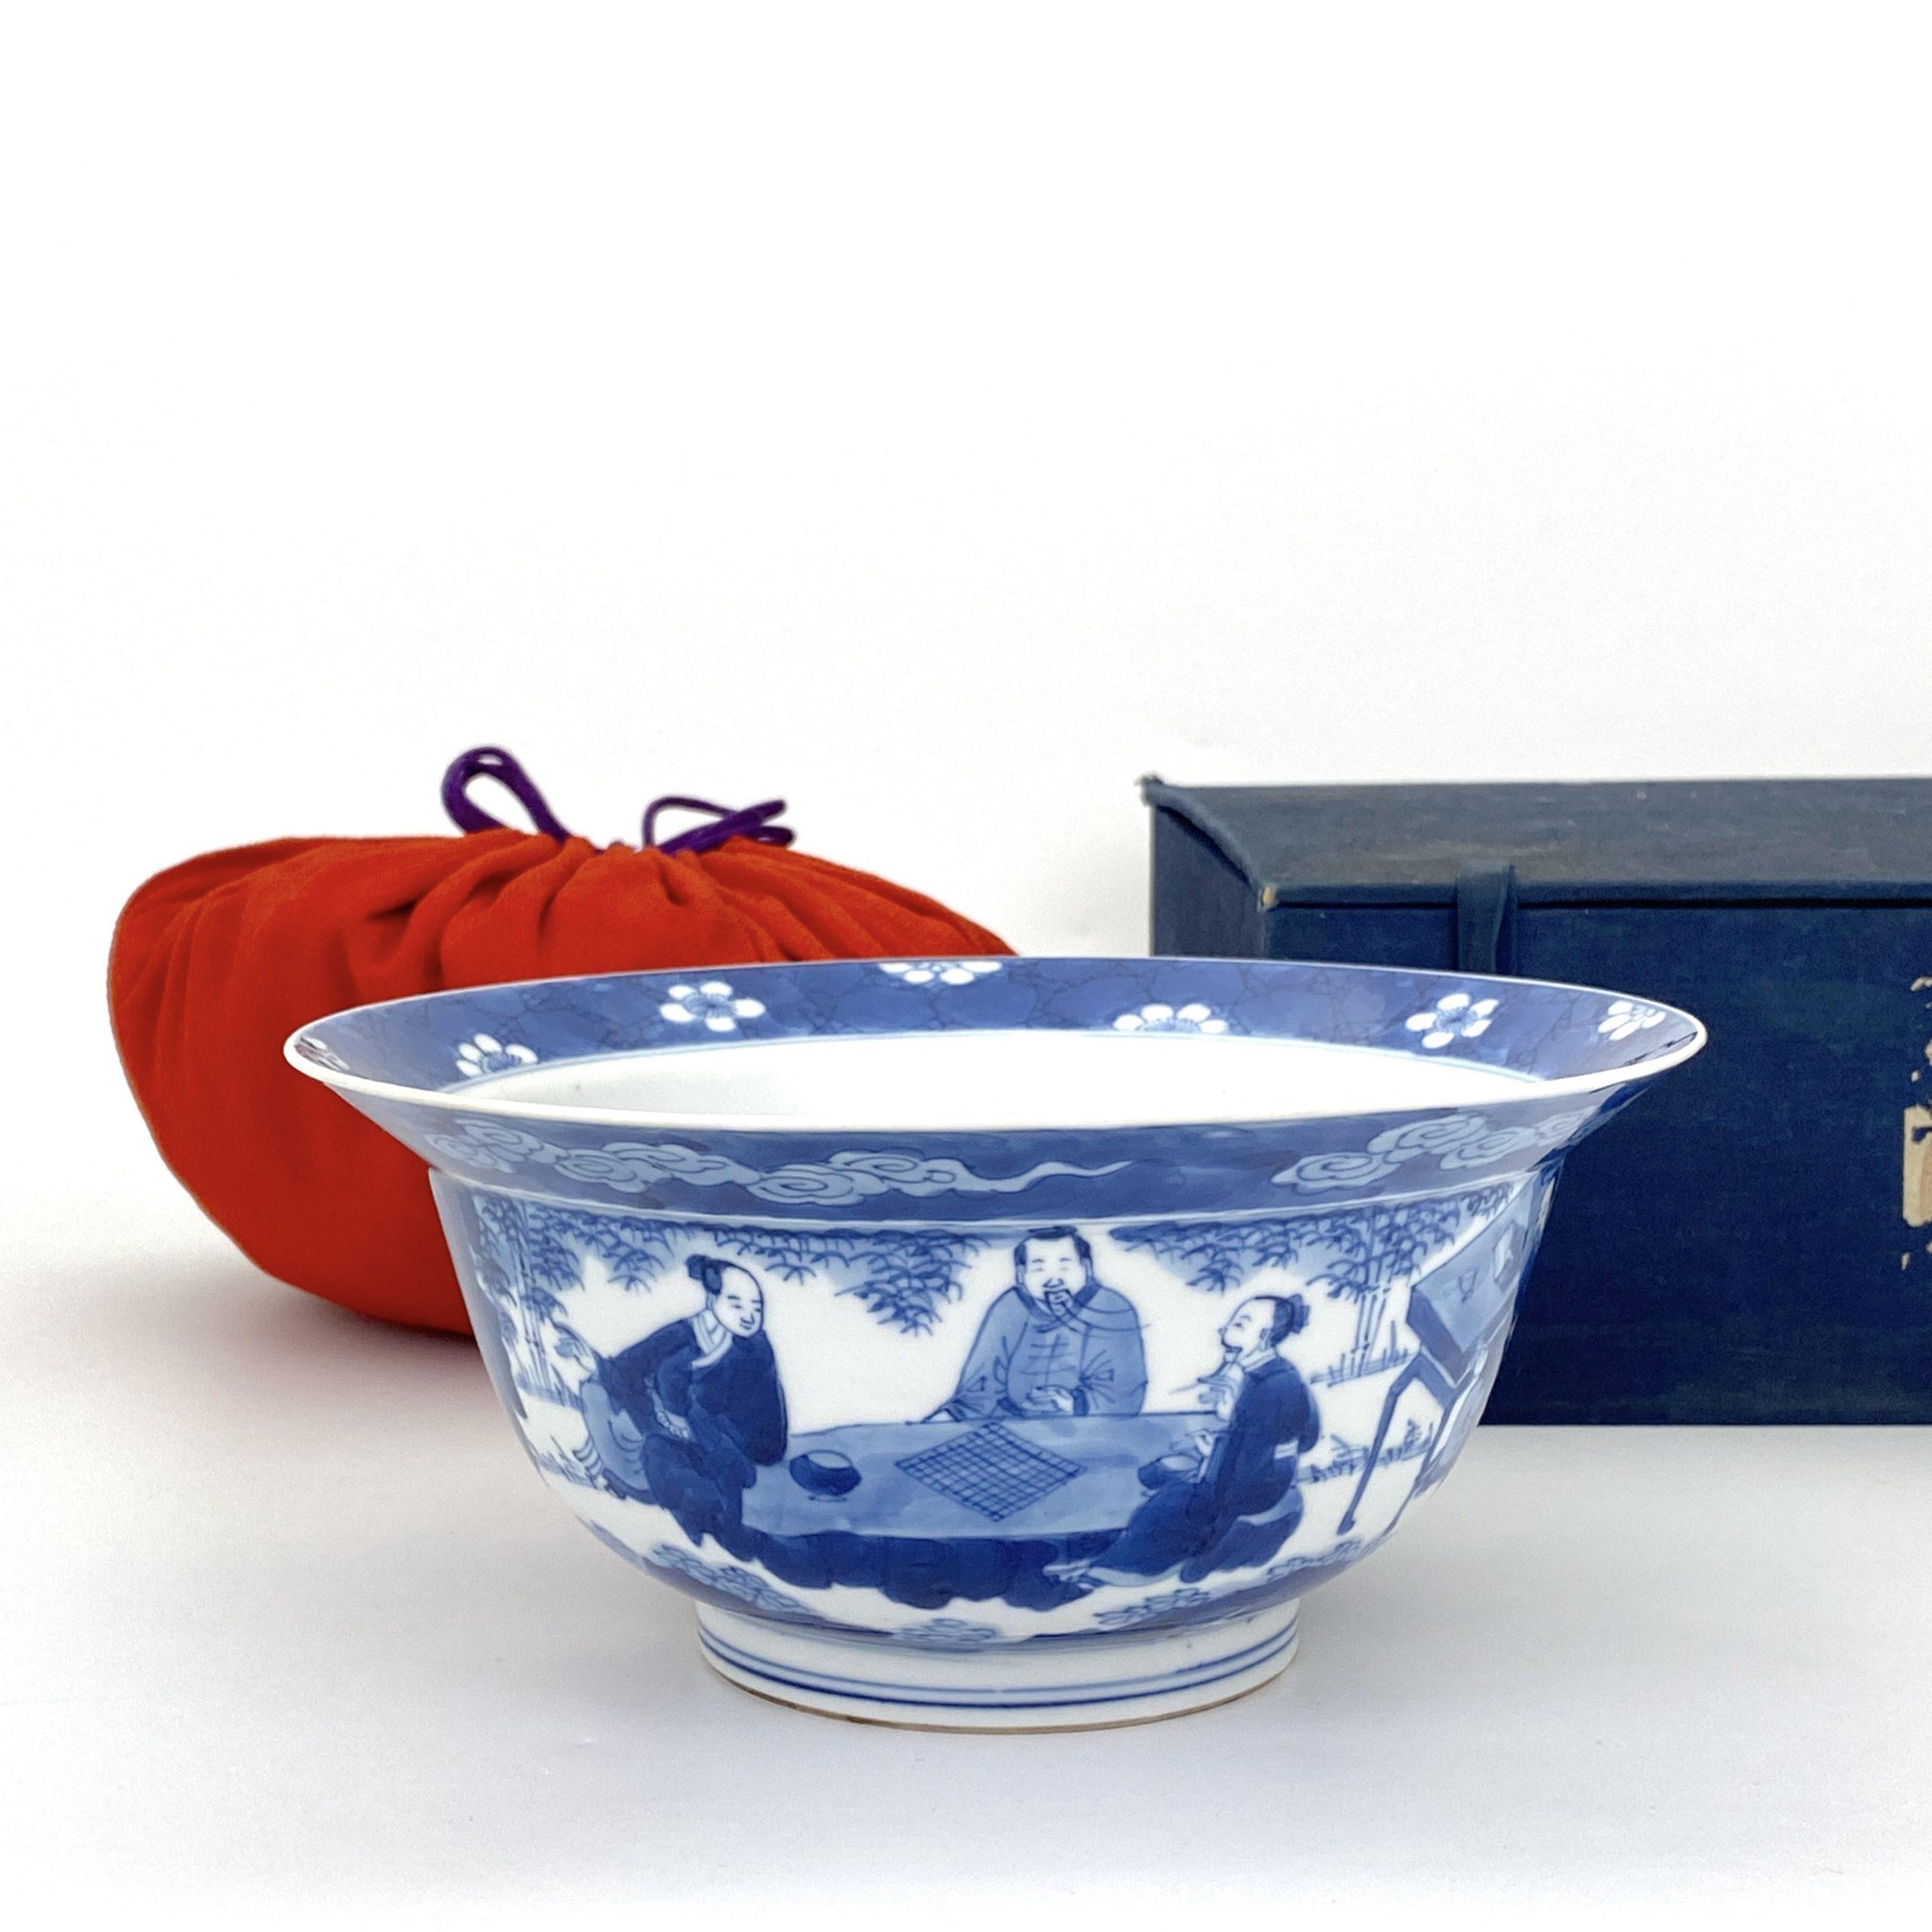 21247清康煕 青花 山水人物図 碗